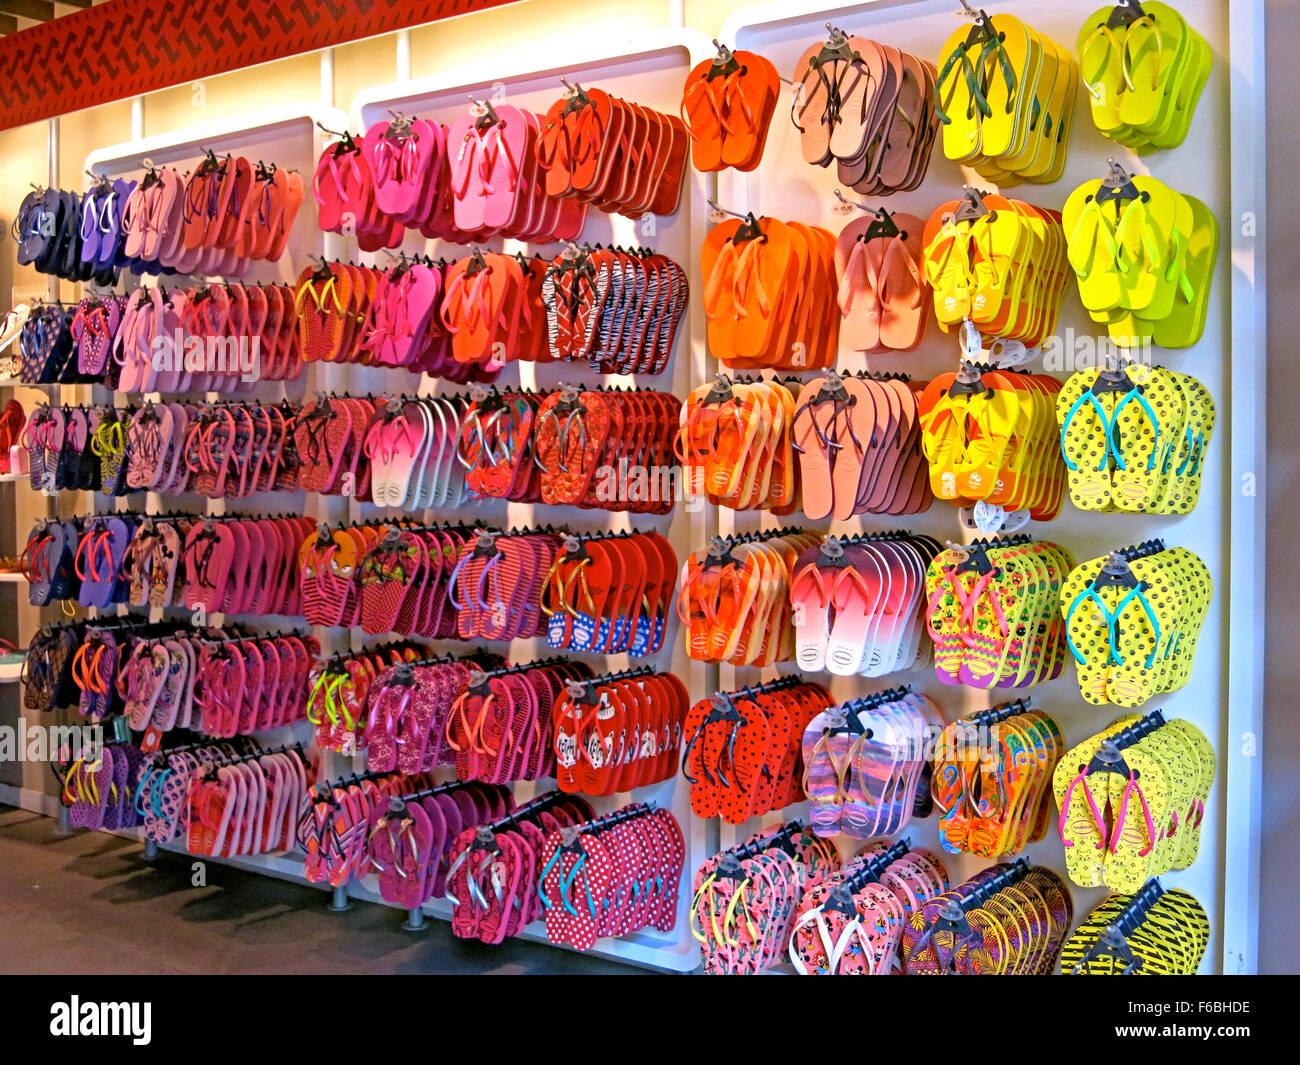 Ipanema Rio De Janeiro Shop Stock Photos & Ipanema Rio De ...